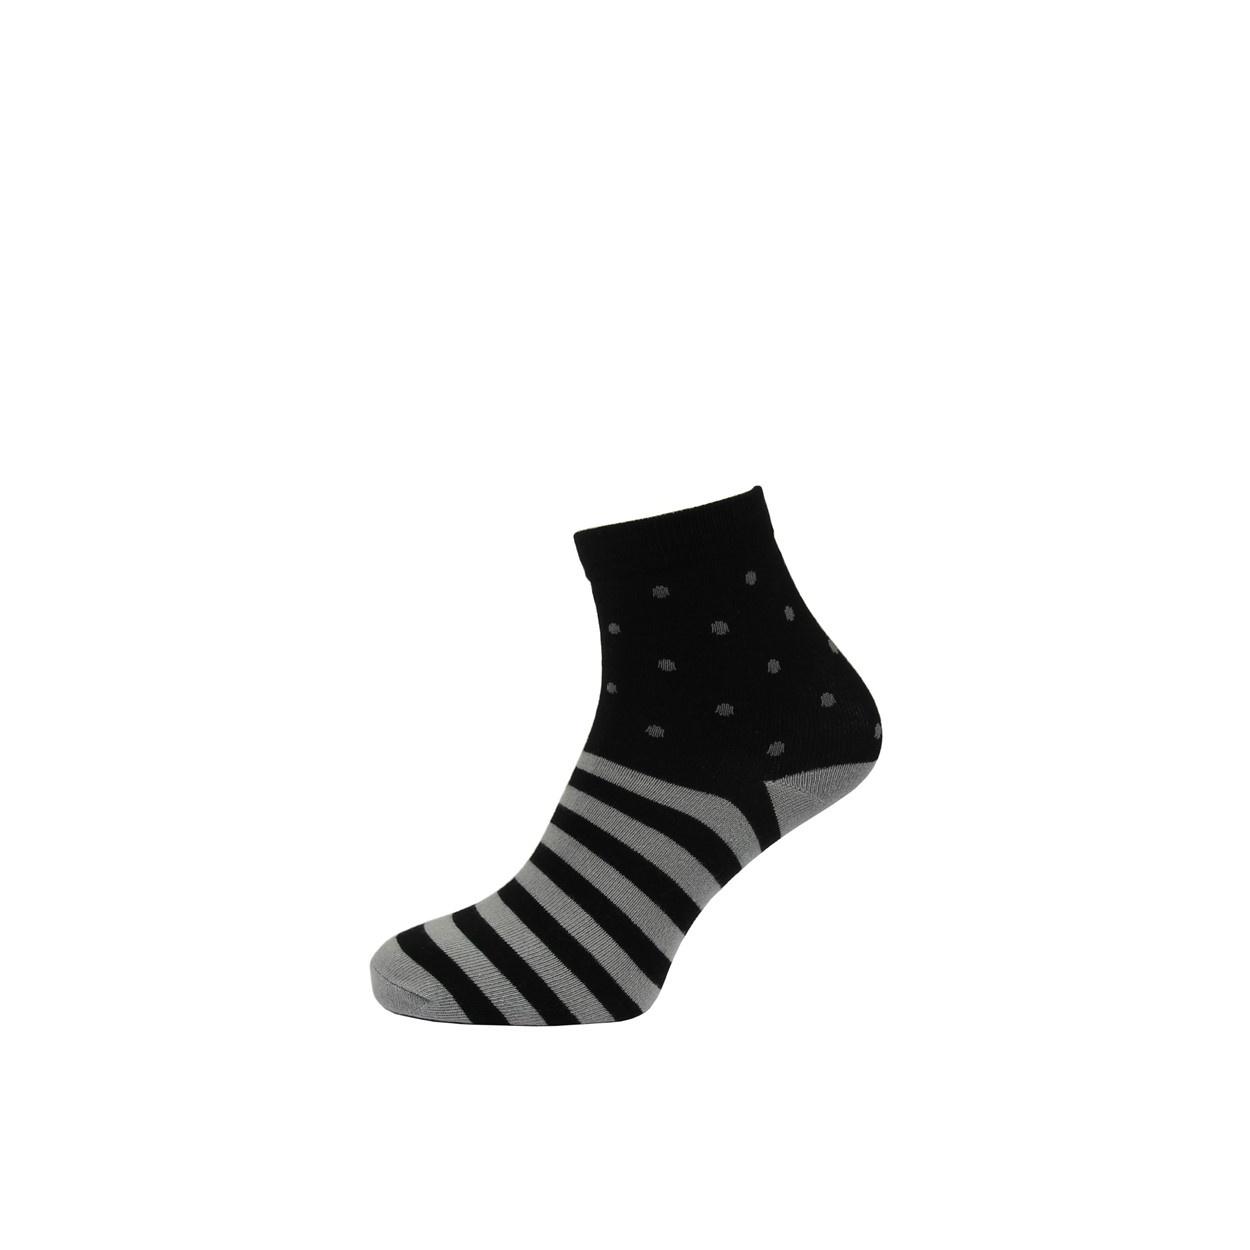 Černé pánské ponožky s šedými pruhy a puntíky